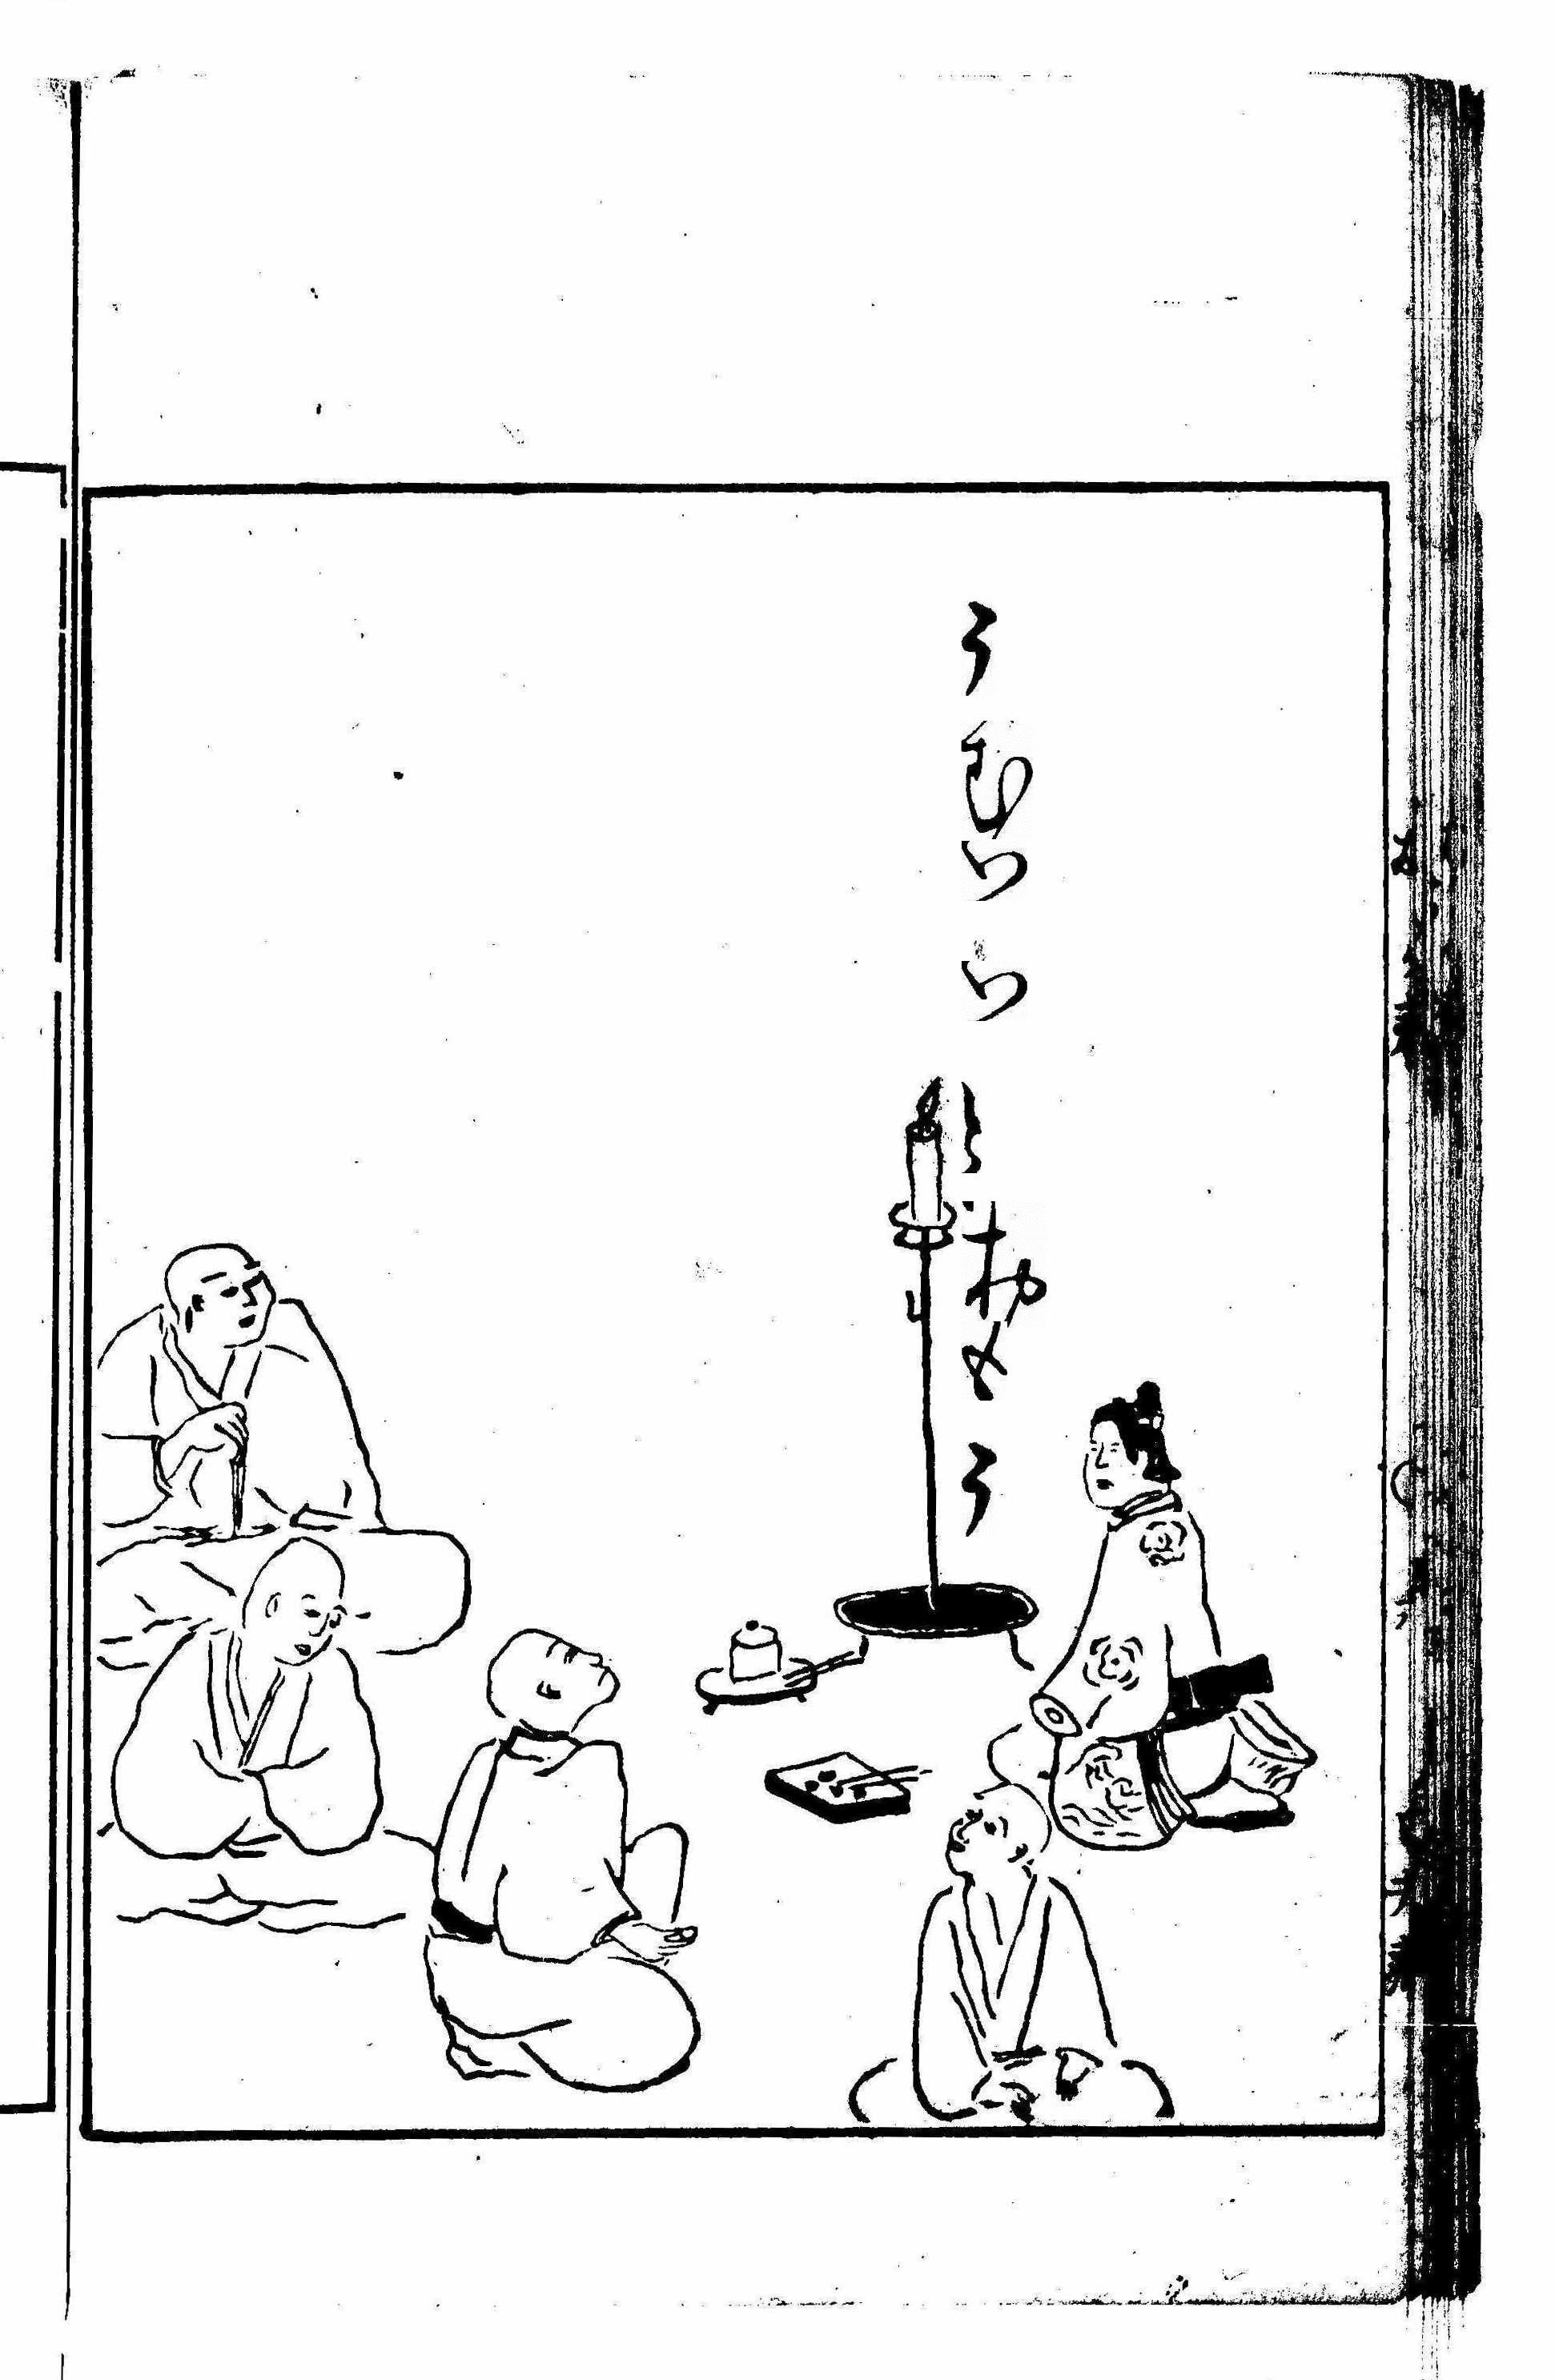 「うんいいとおもう」(by LS北見さん)のくずし字サンプル